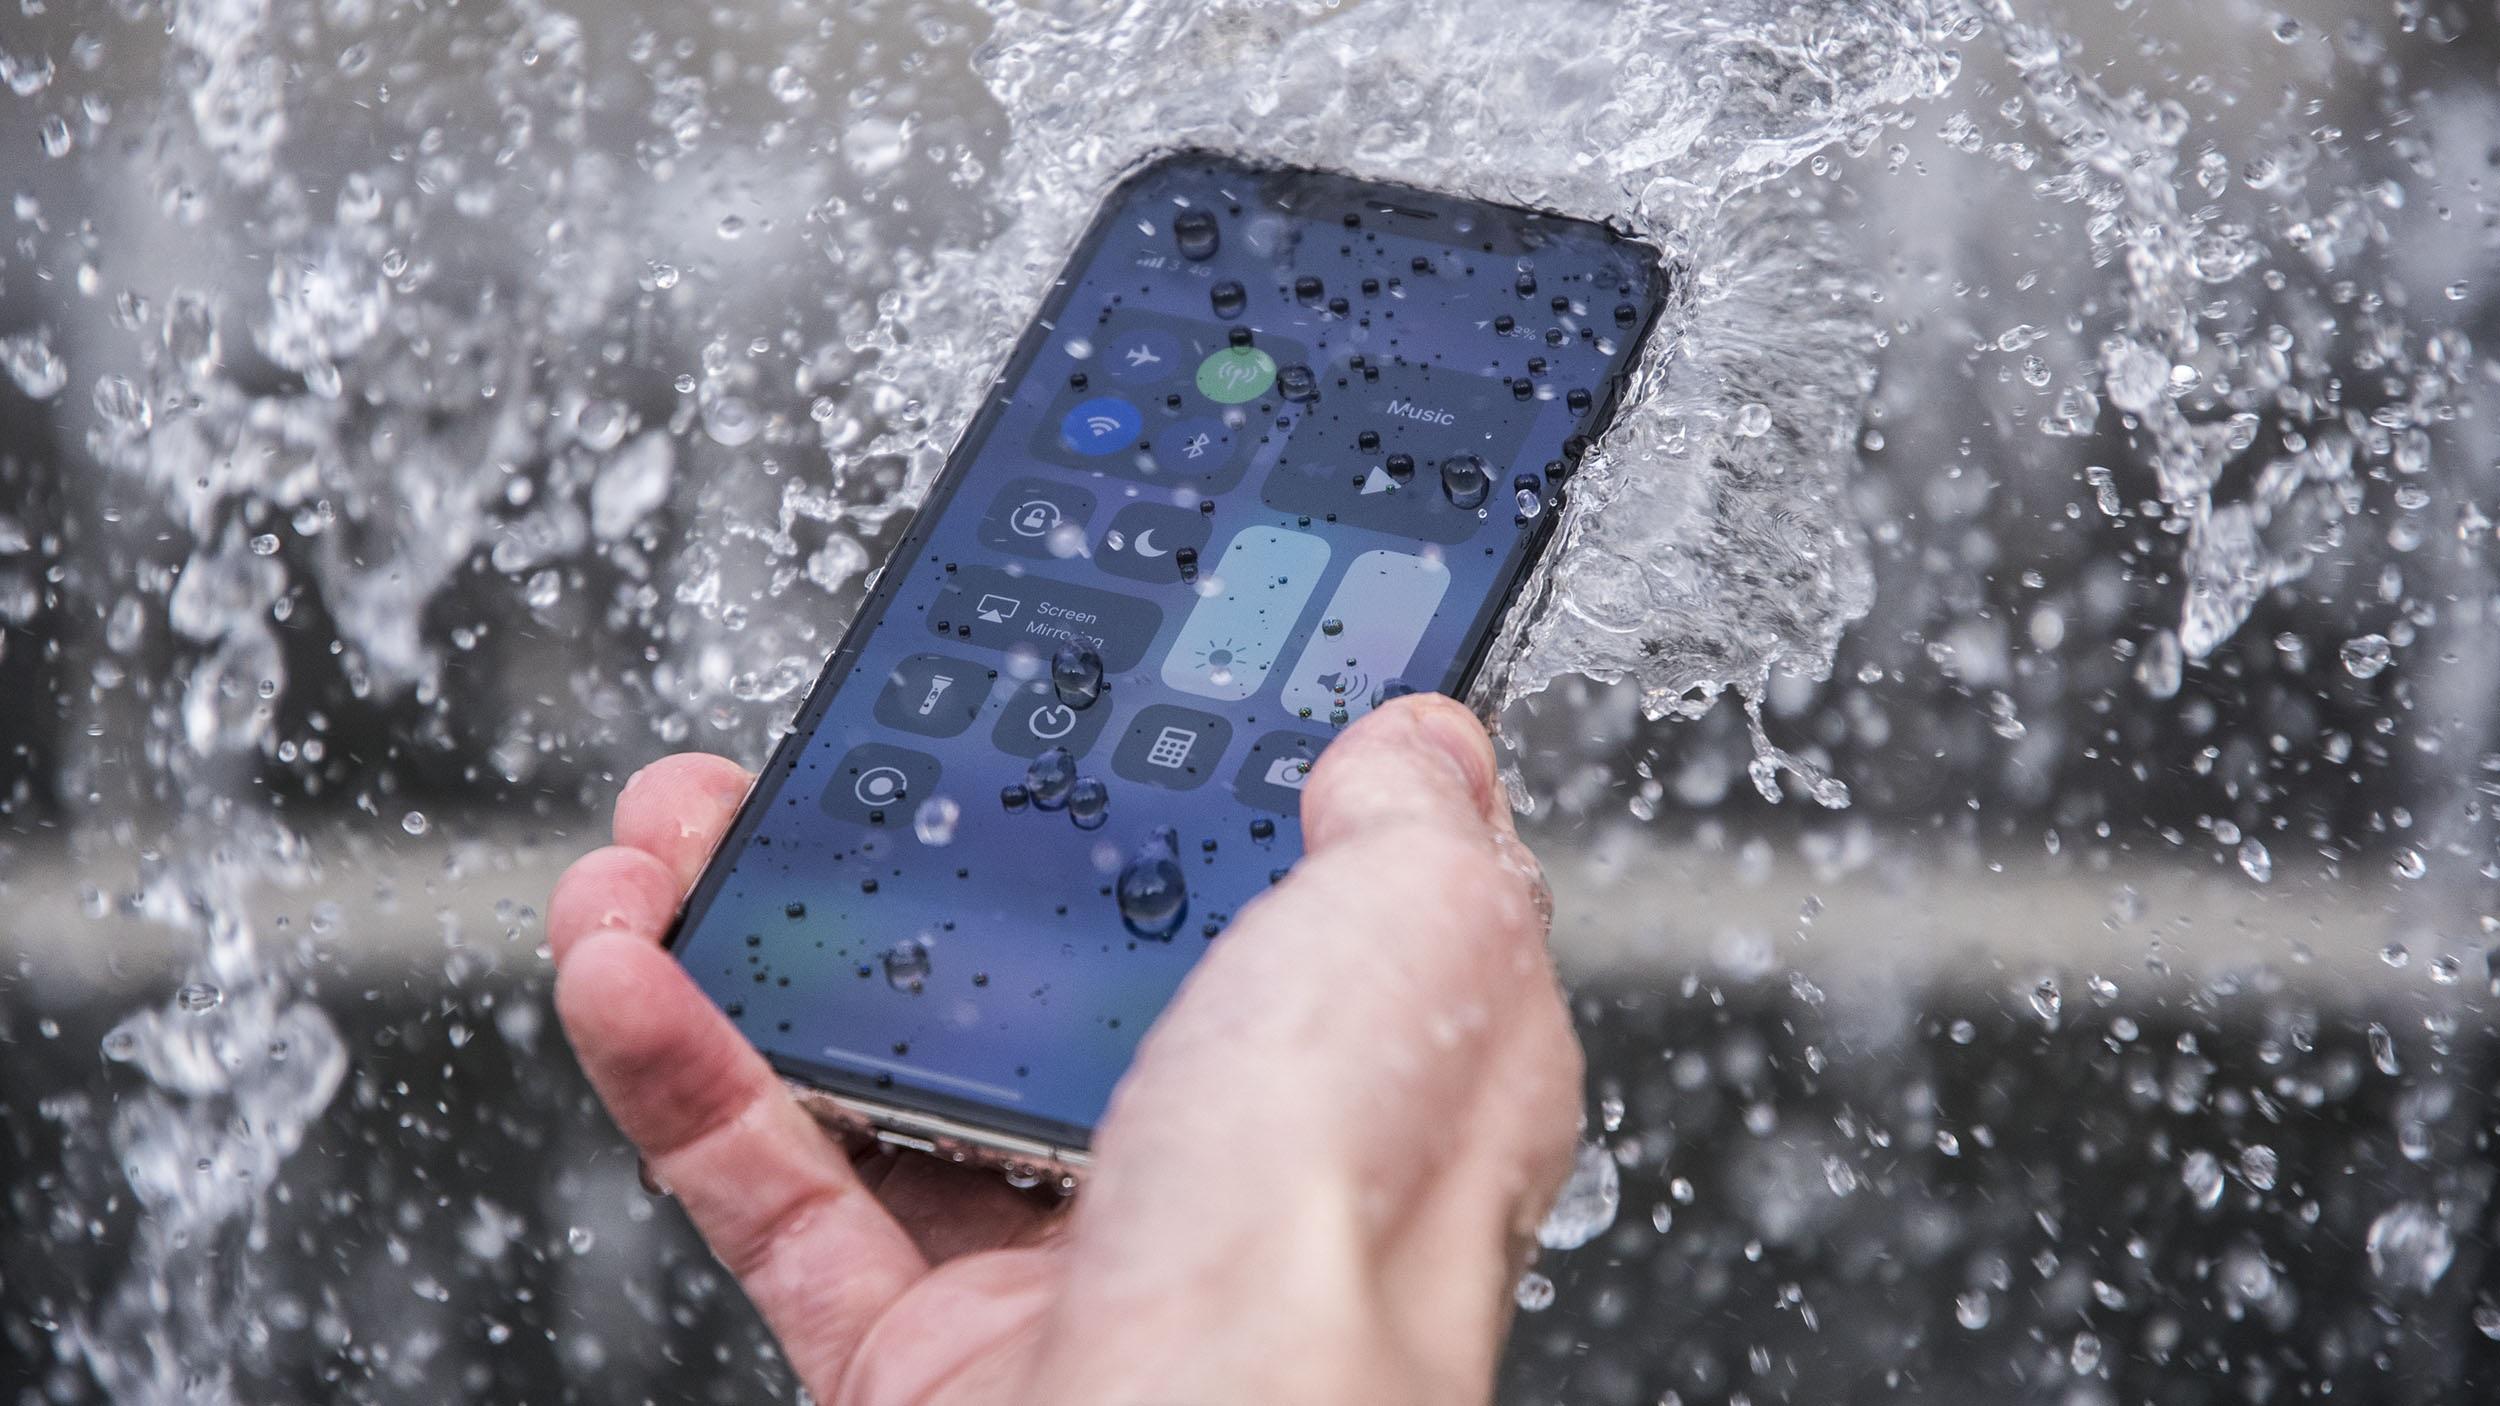 અત્યાર સુધી લીક થયેલા રિપોર્ટ અનુસાર આઇફોન 11 પ્રો અને આઇફોન 11 પ્રો મેક્સમાં ટ્રિપલ લેન્સ કેમેરા સેટઅપ હશે. આ ઉપરાંત આ બંને આઇફોનમાં એપલનું એ13 બાયોનિક પ્રોસેસર હશે.